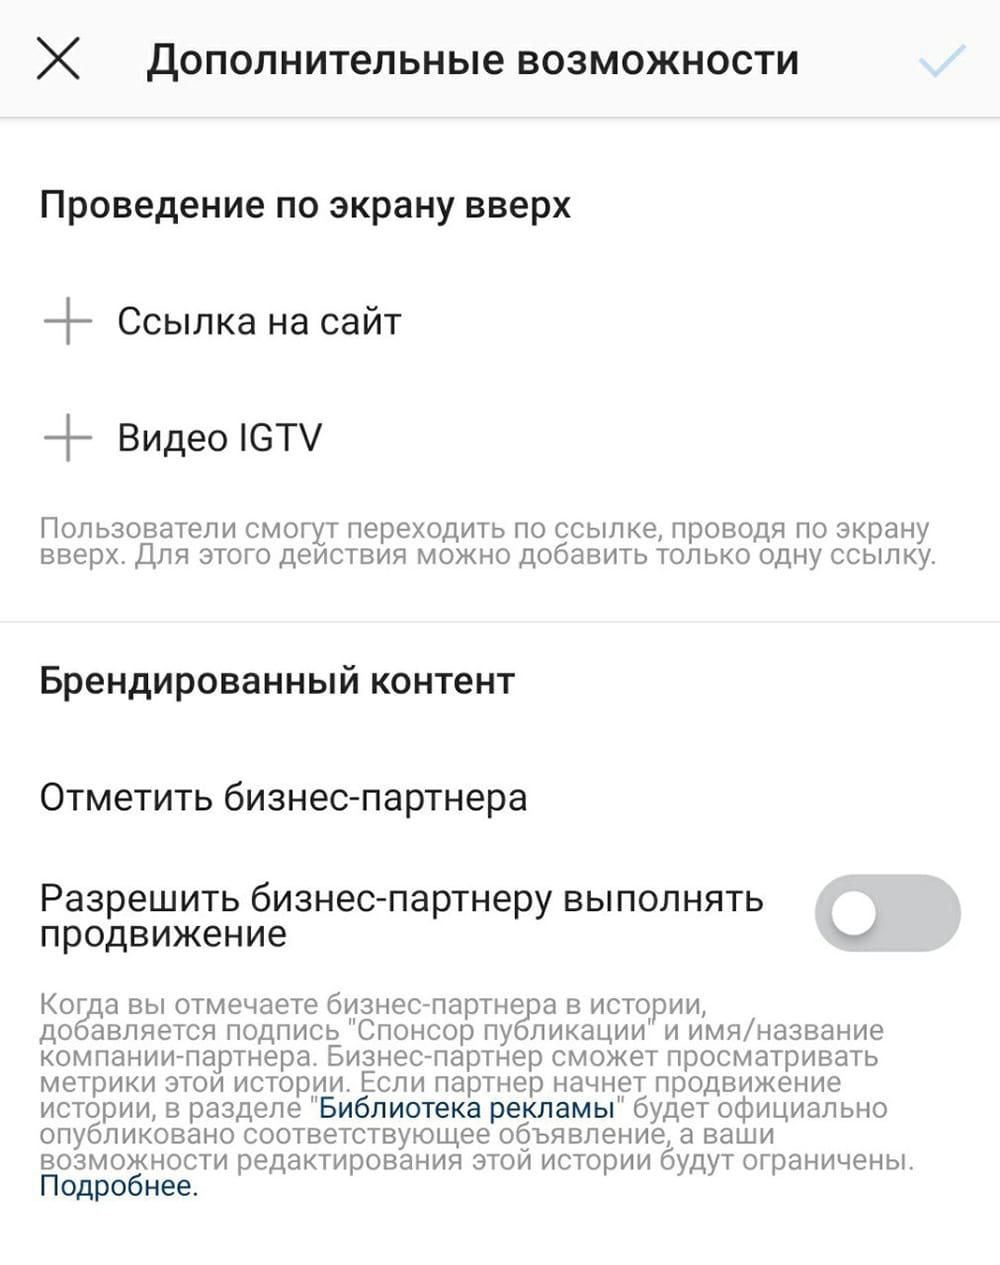 как добавить ссылку в инстаграм-историю